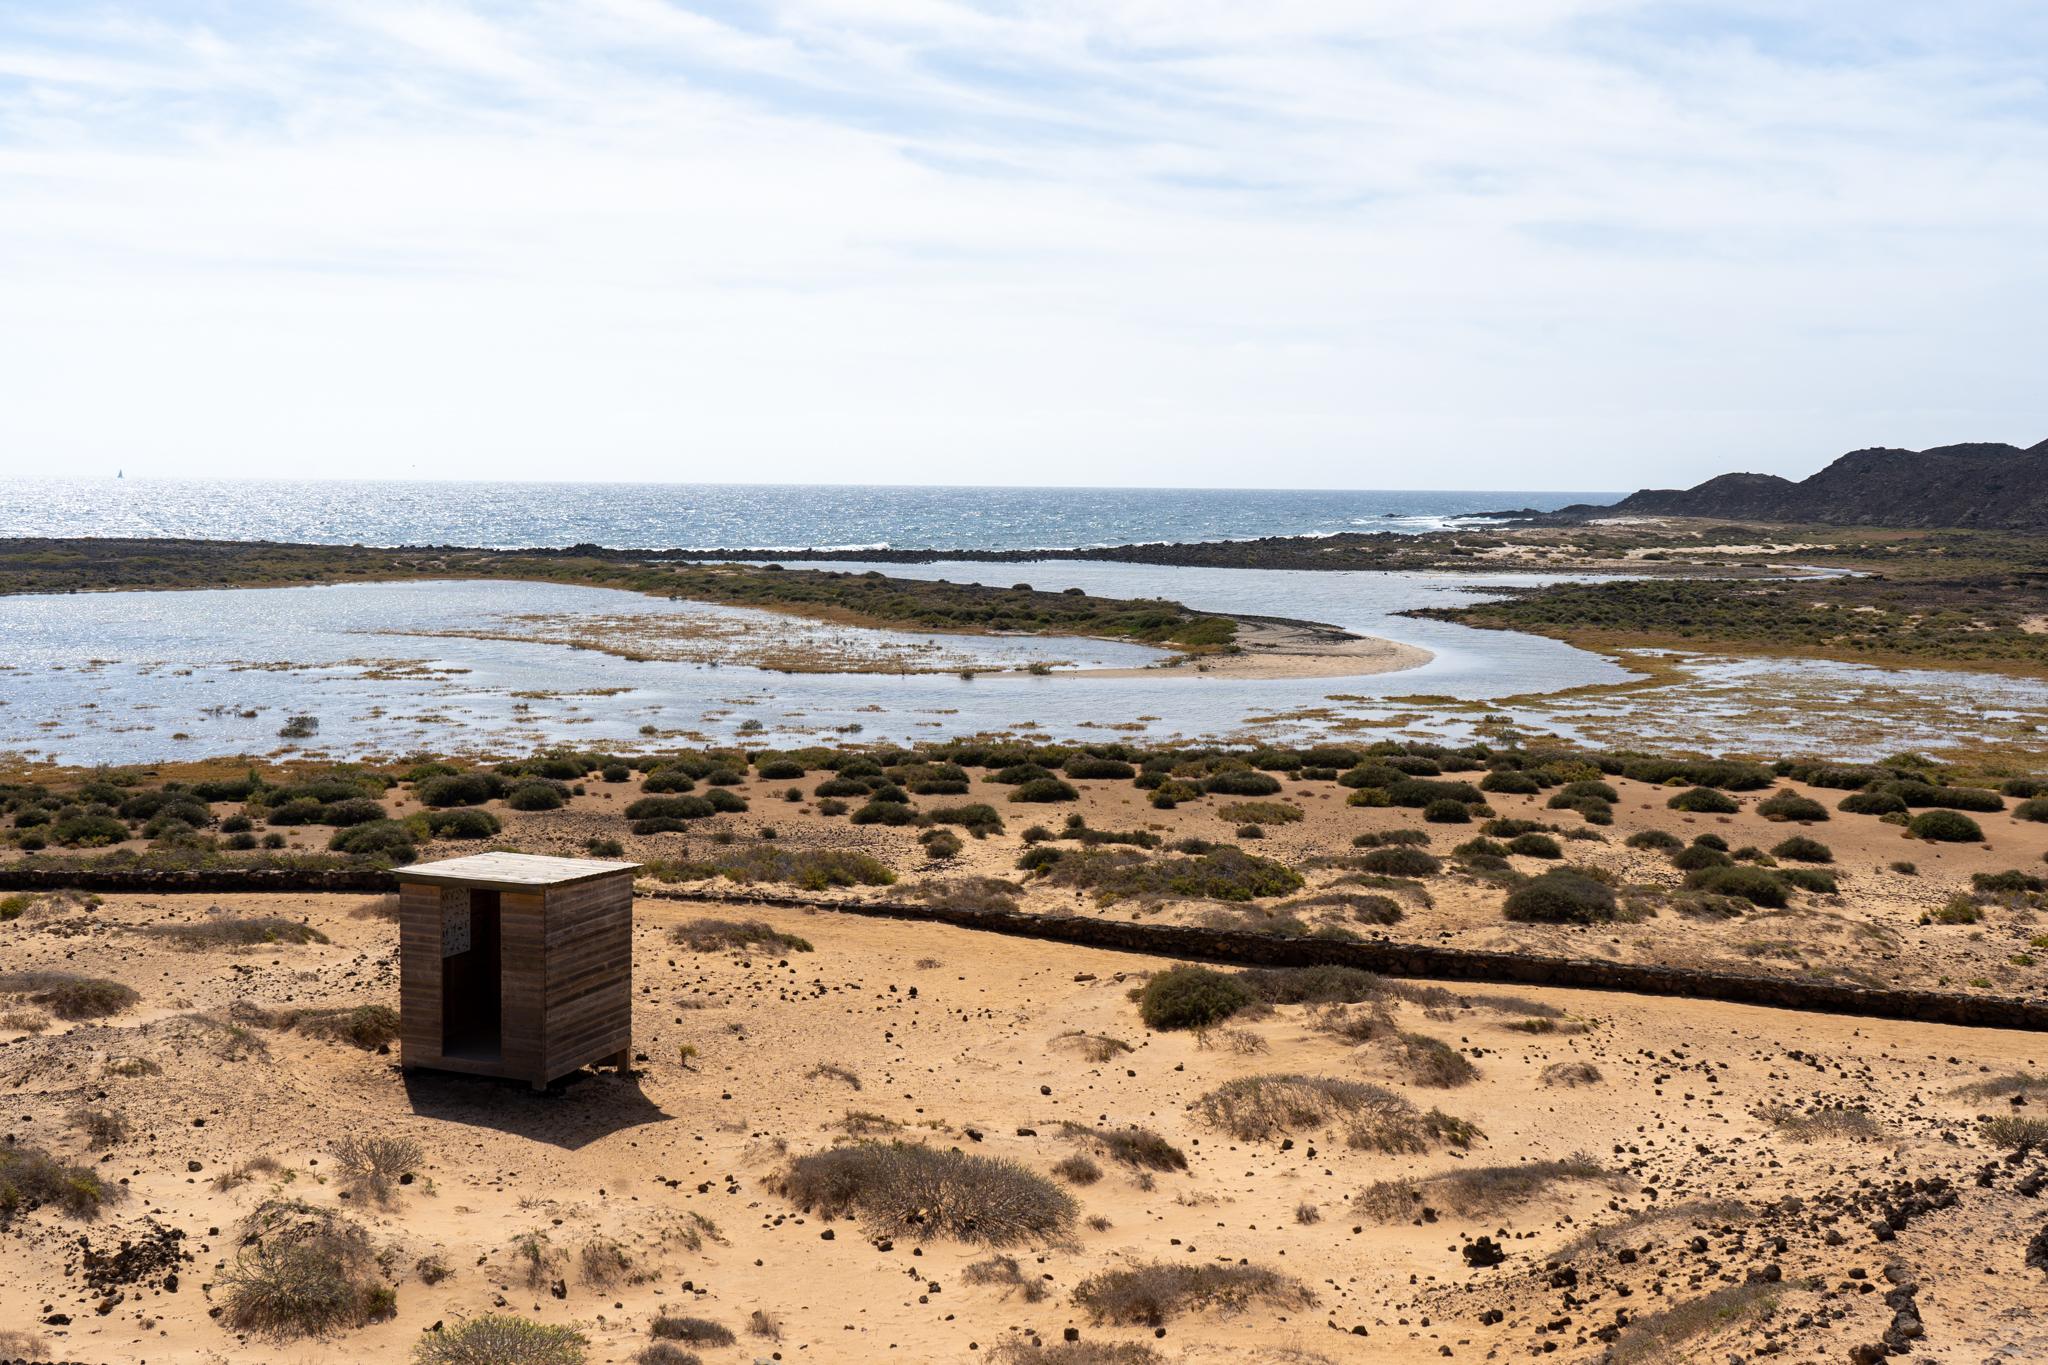 Las Lagunitas auf der Isla de Lobos